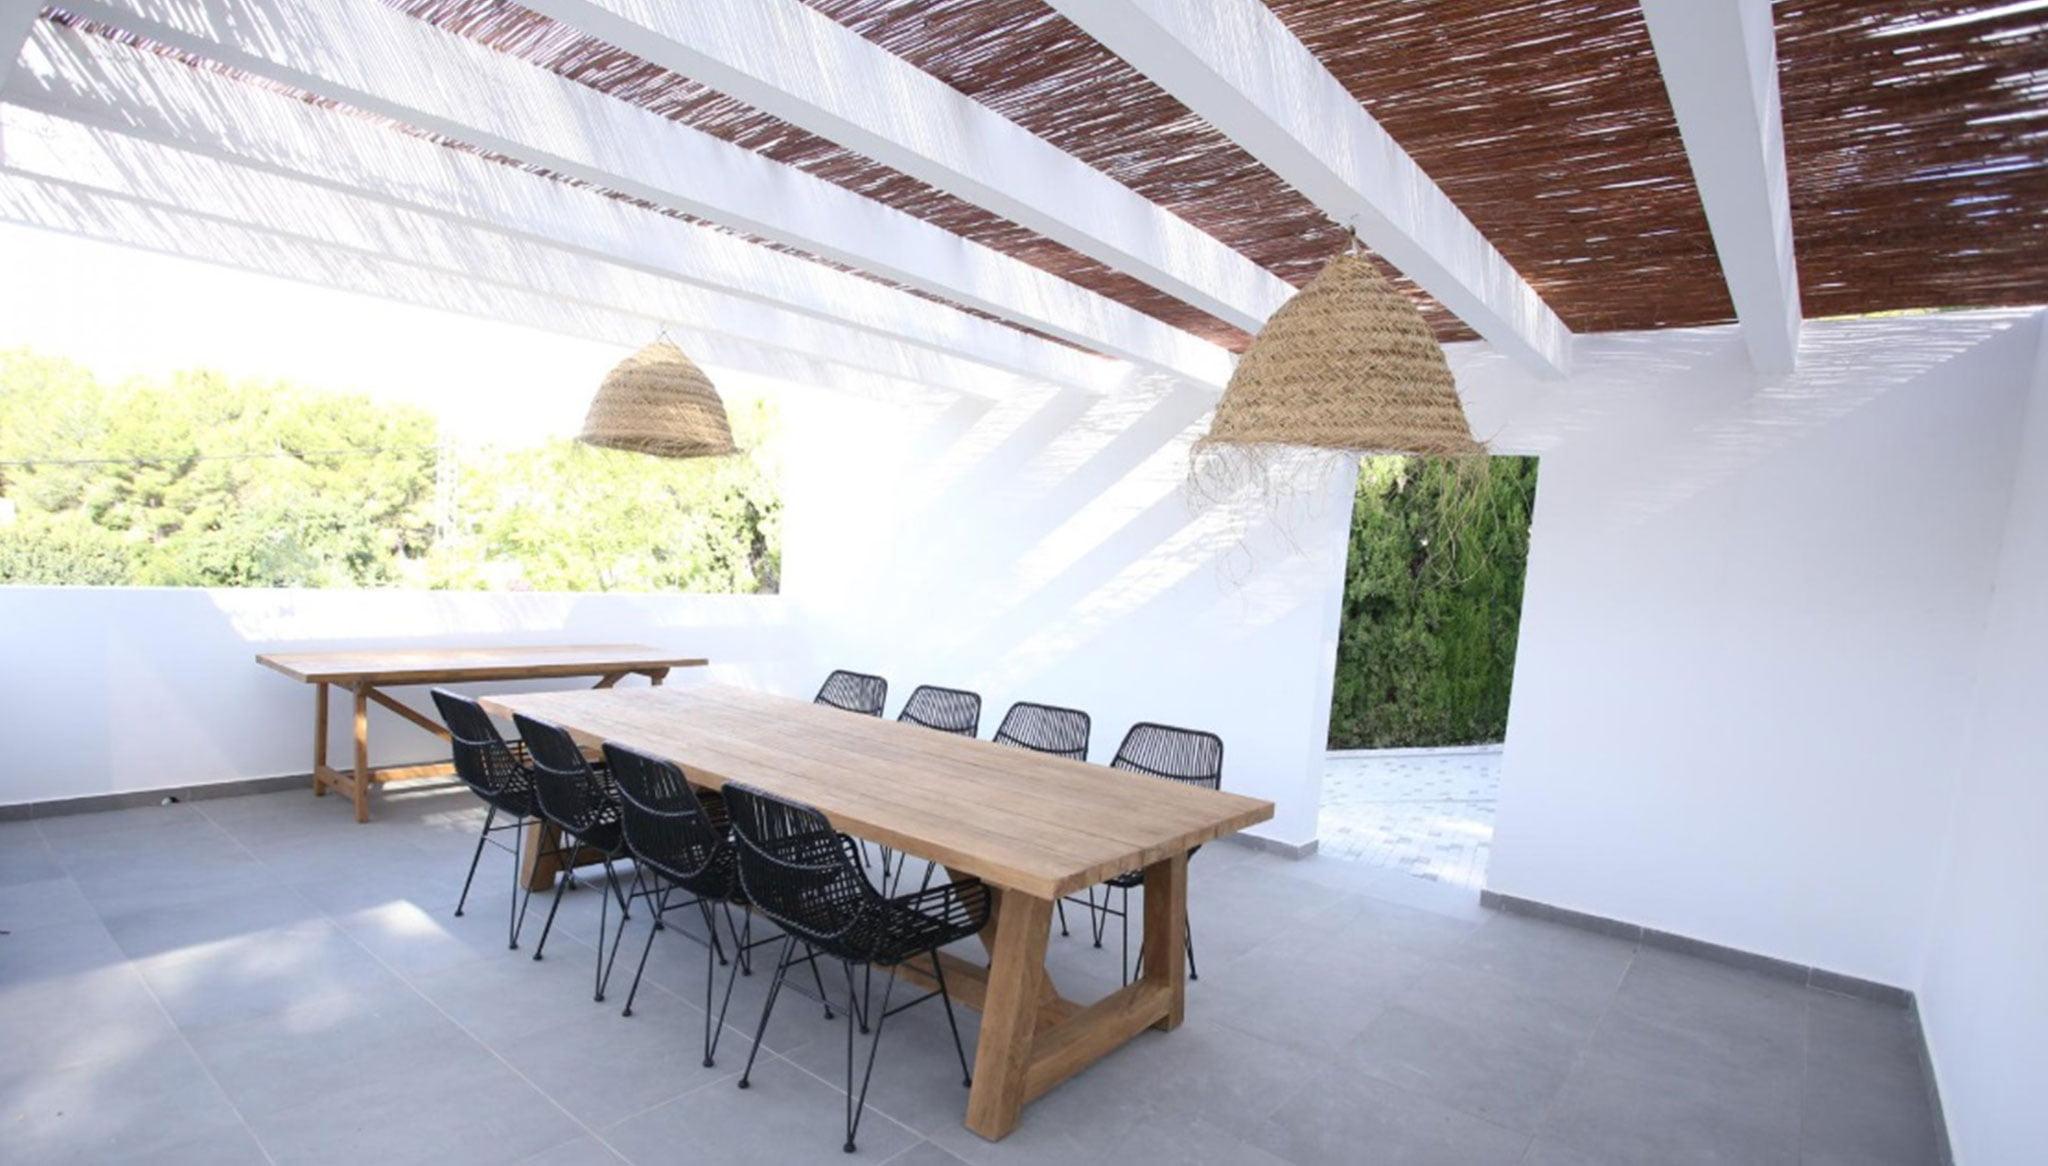 Comedor exterior de una propiedad de lujo de estilo ibicenco en venta en Moraira – Fine & Country Costa Blanca Norte